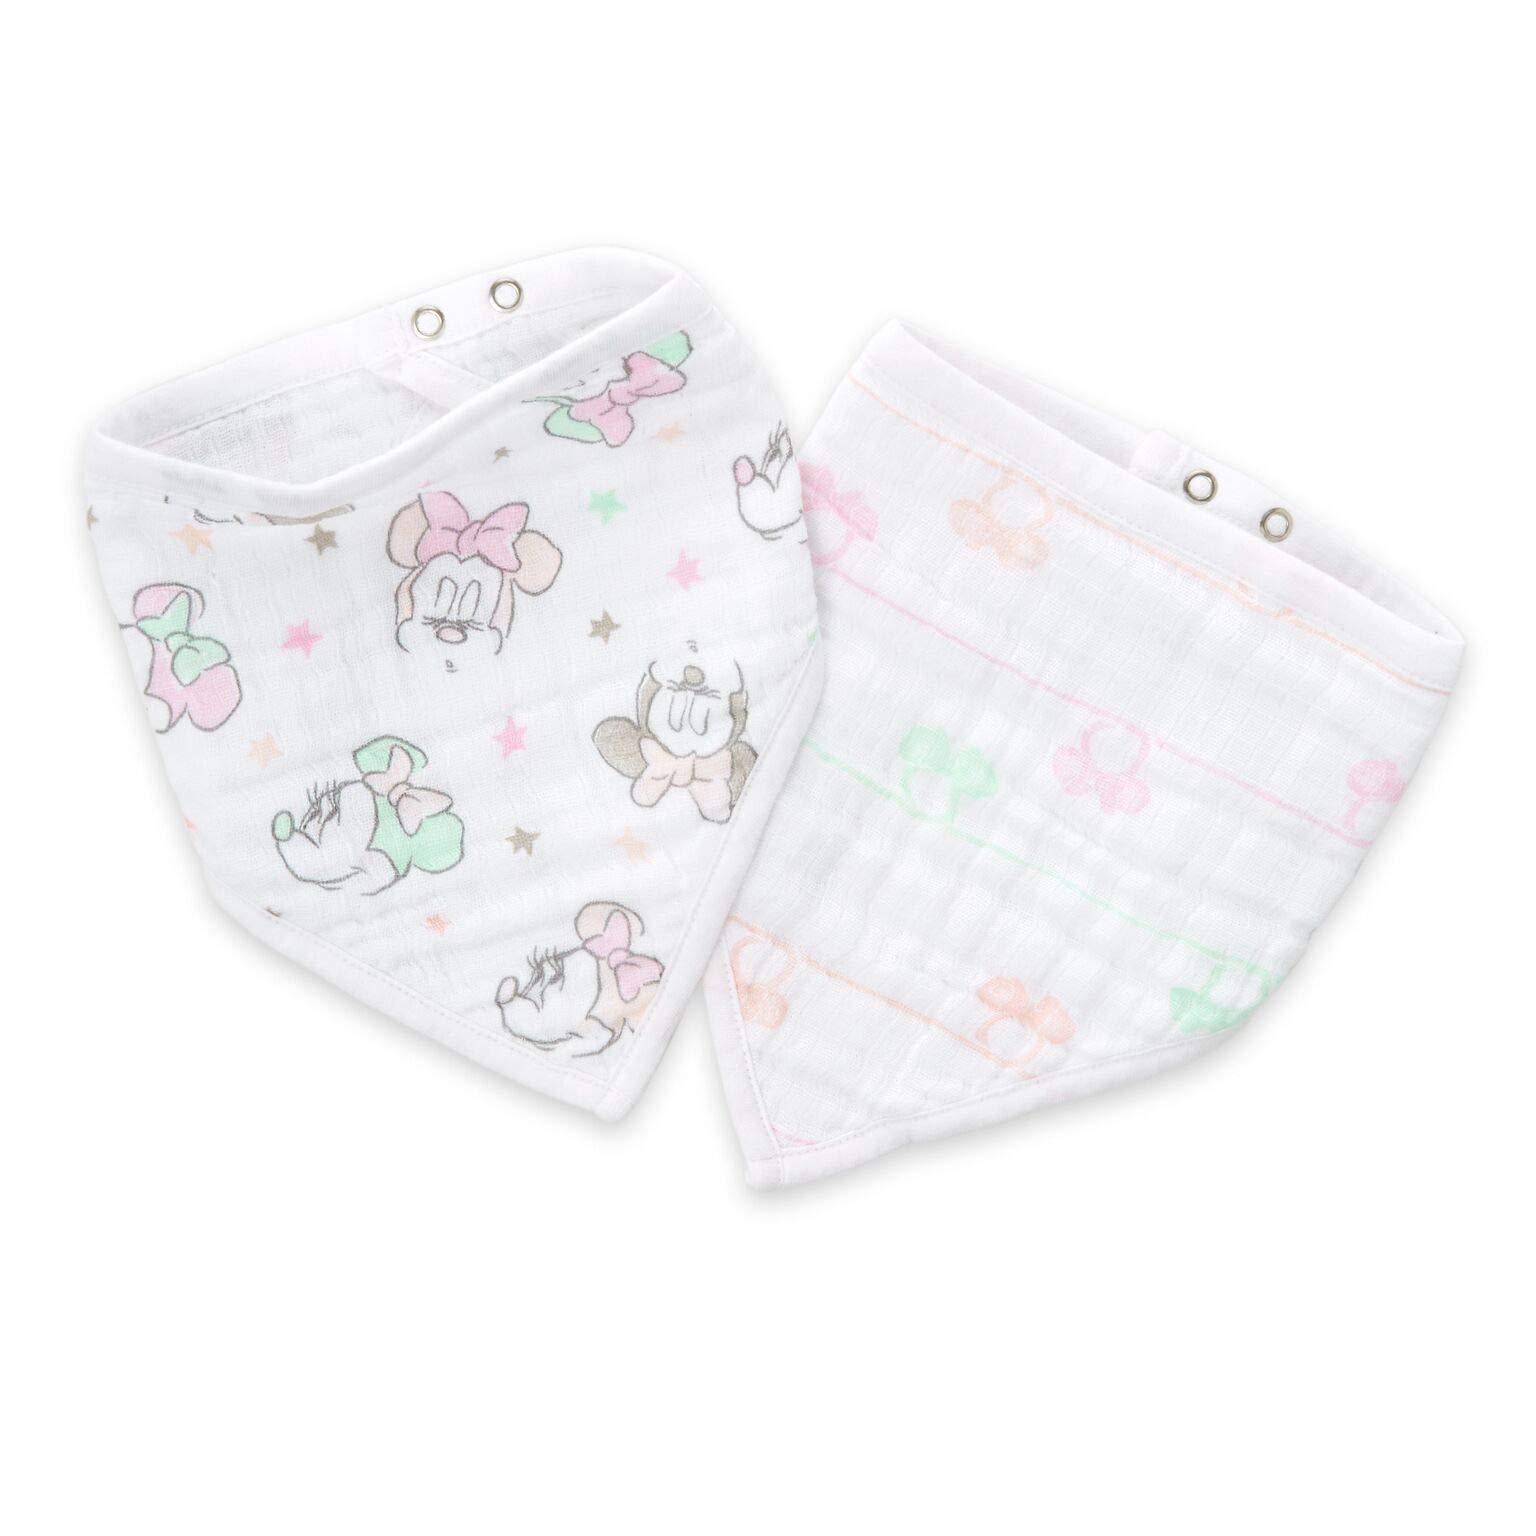 3e25b0837305 Amazon.com   Aden by aden + anais Disney Swaddle Baby Blanket